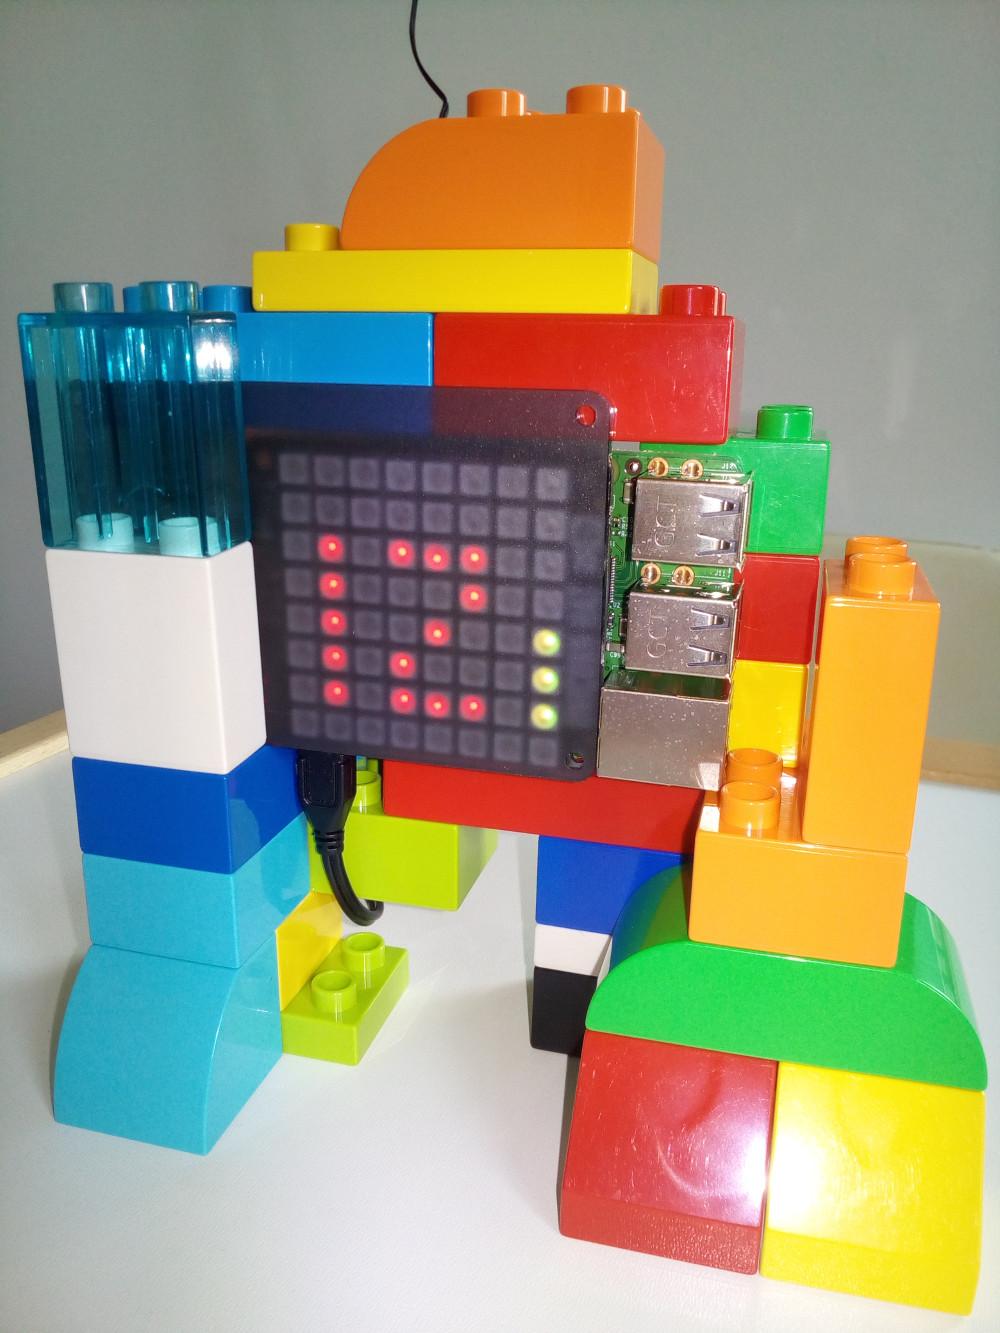 LEGO case